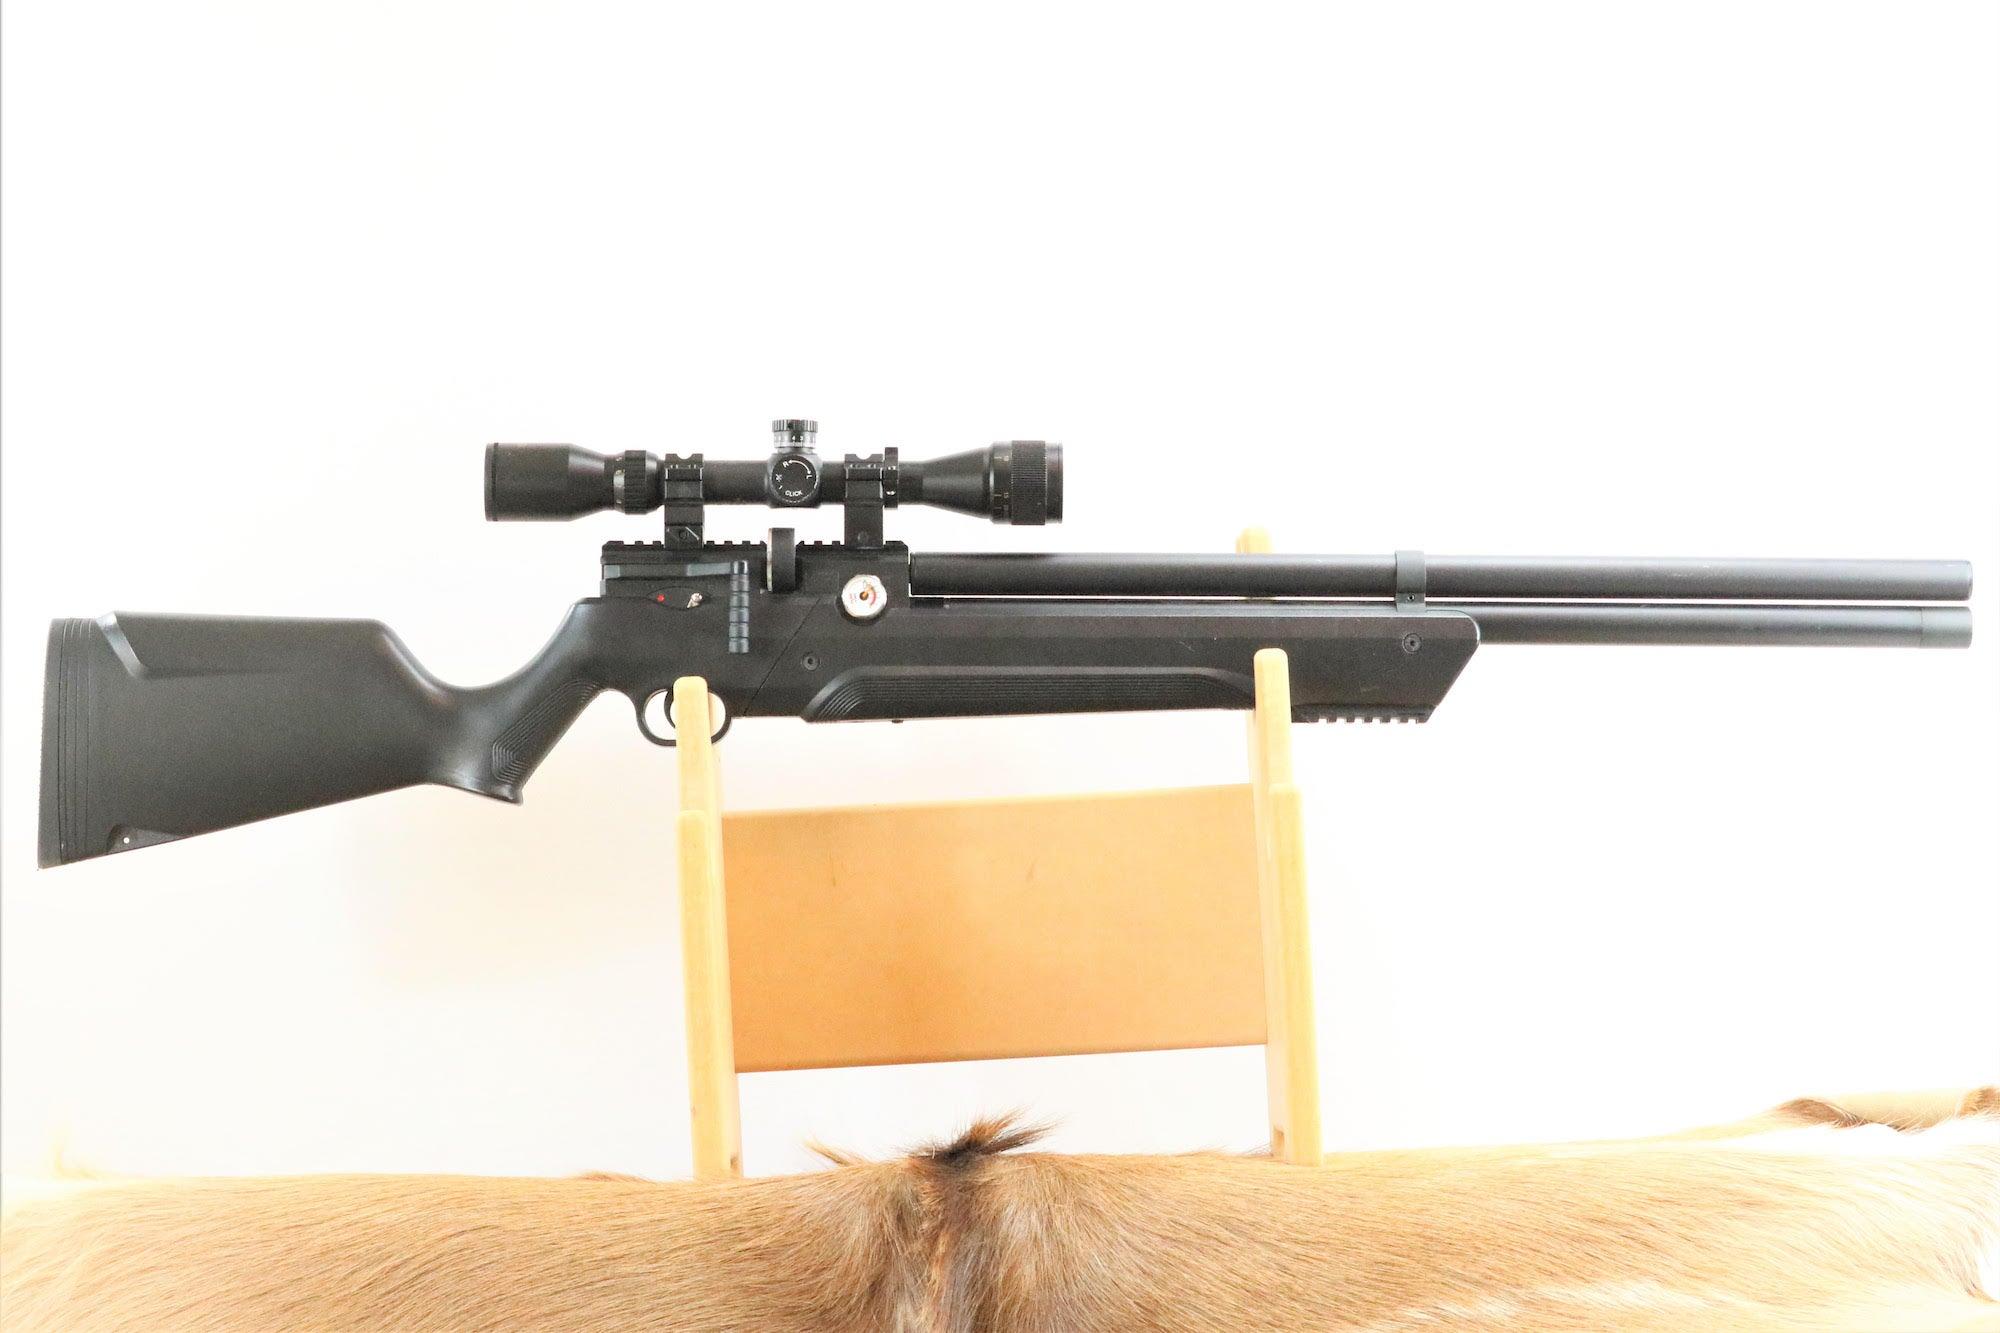 The AirVenturi Avenger air rifle